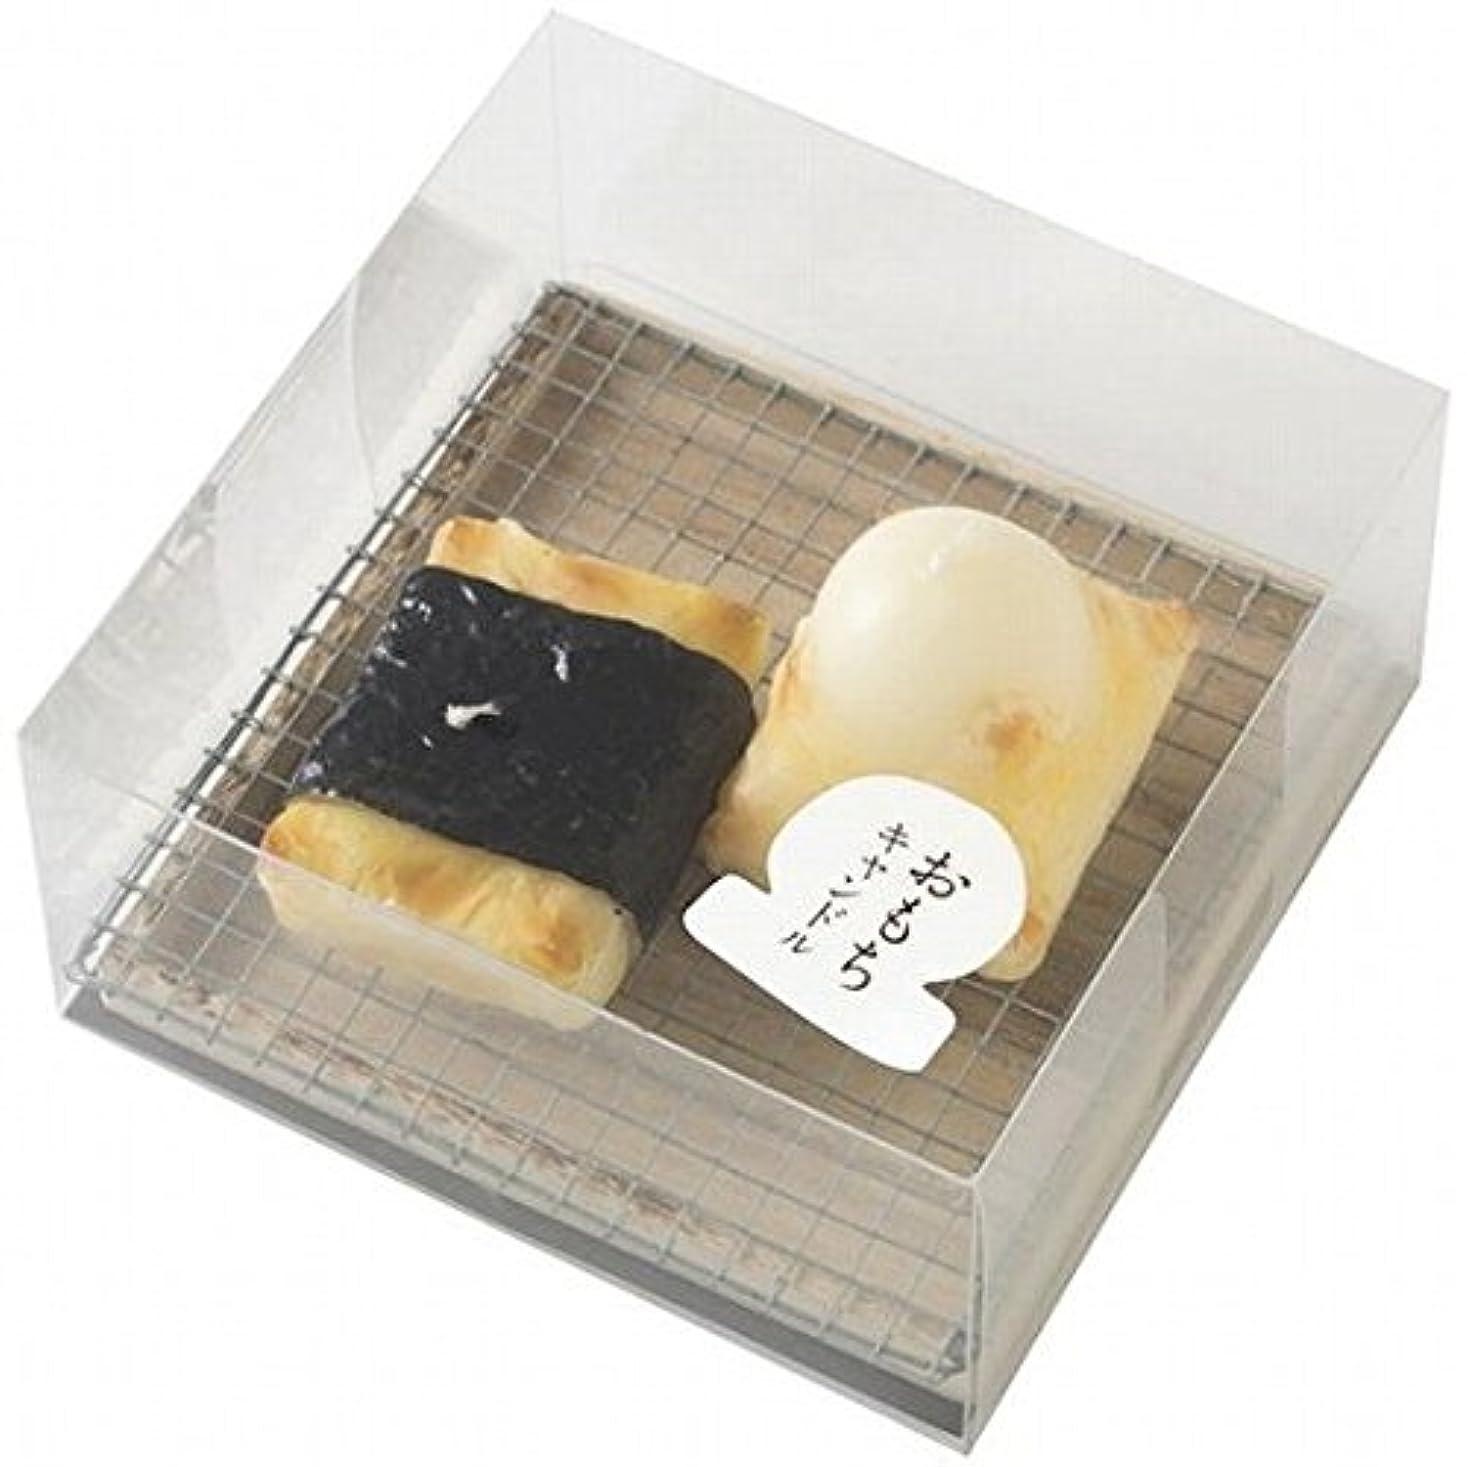 広がり間違っているバッジkameyama candle(カメヤマキャンドル) おもちキャンドル(86930000)